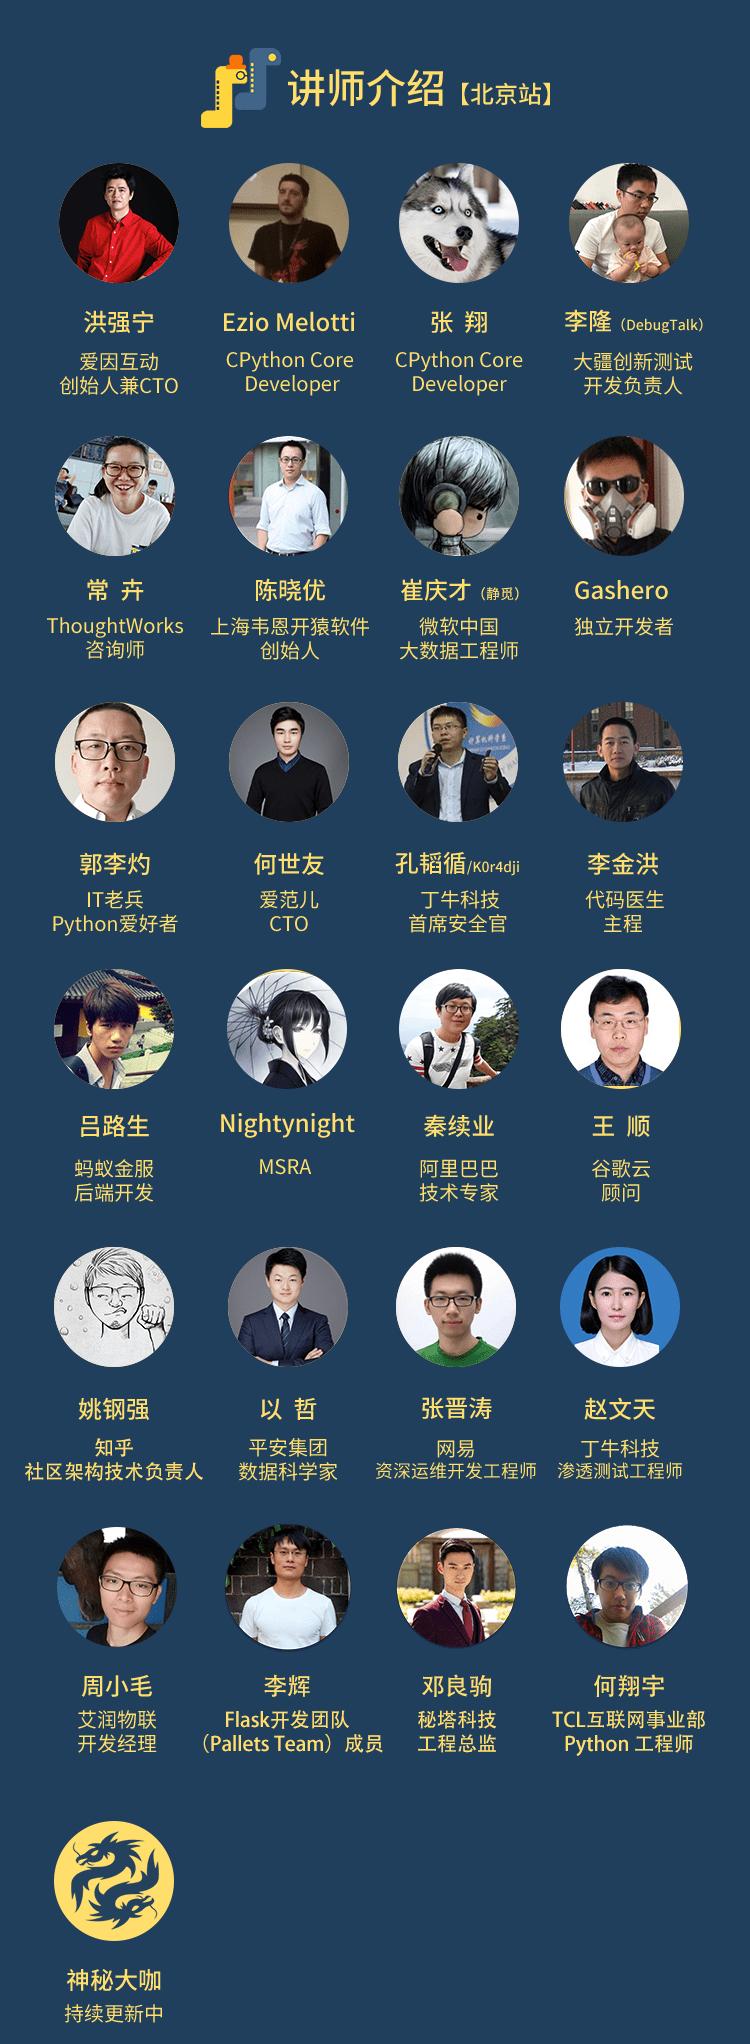 第八届 Python 开发者大会 PyConChina2018 (10月北京站)